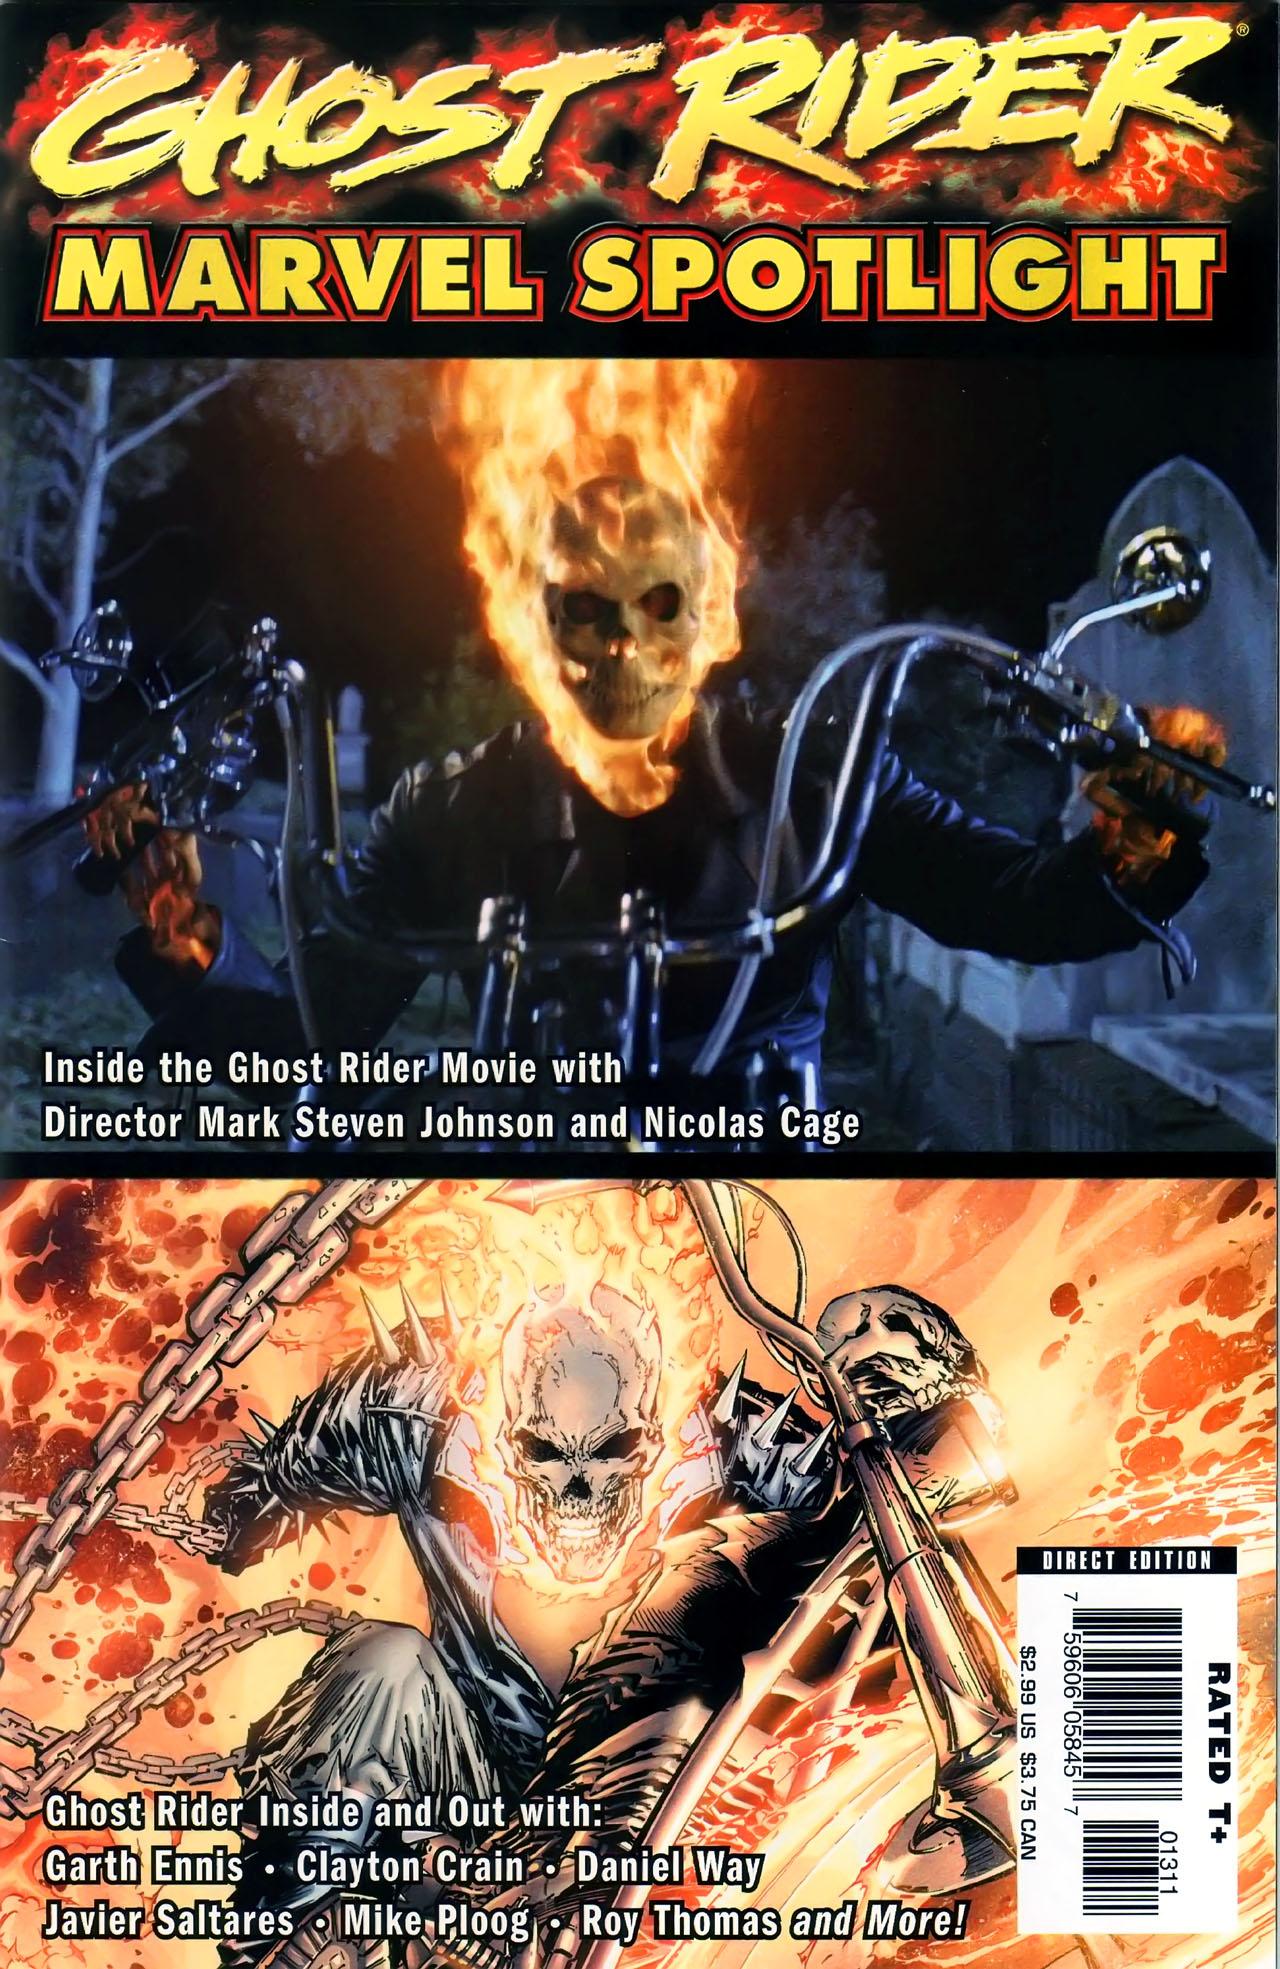 Marvel Spotlight: Ghost Rider Vol 1 1